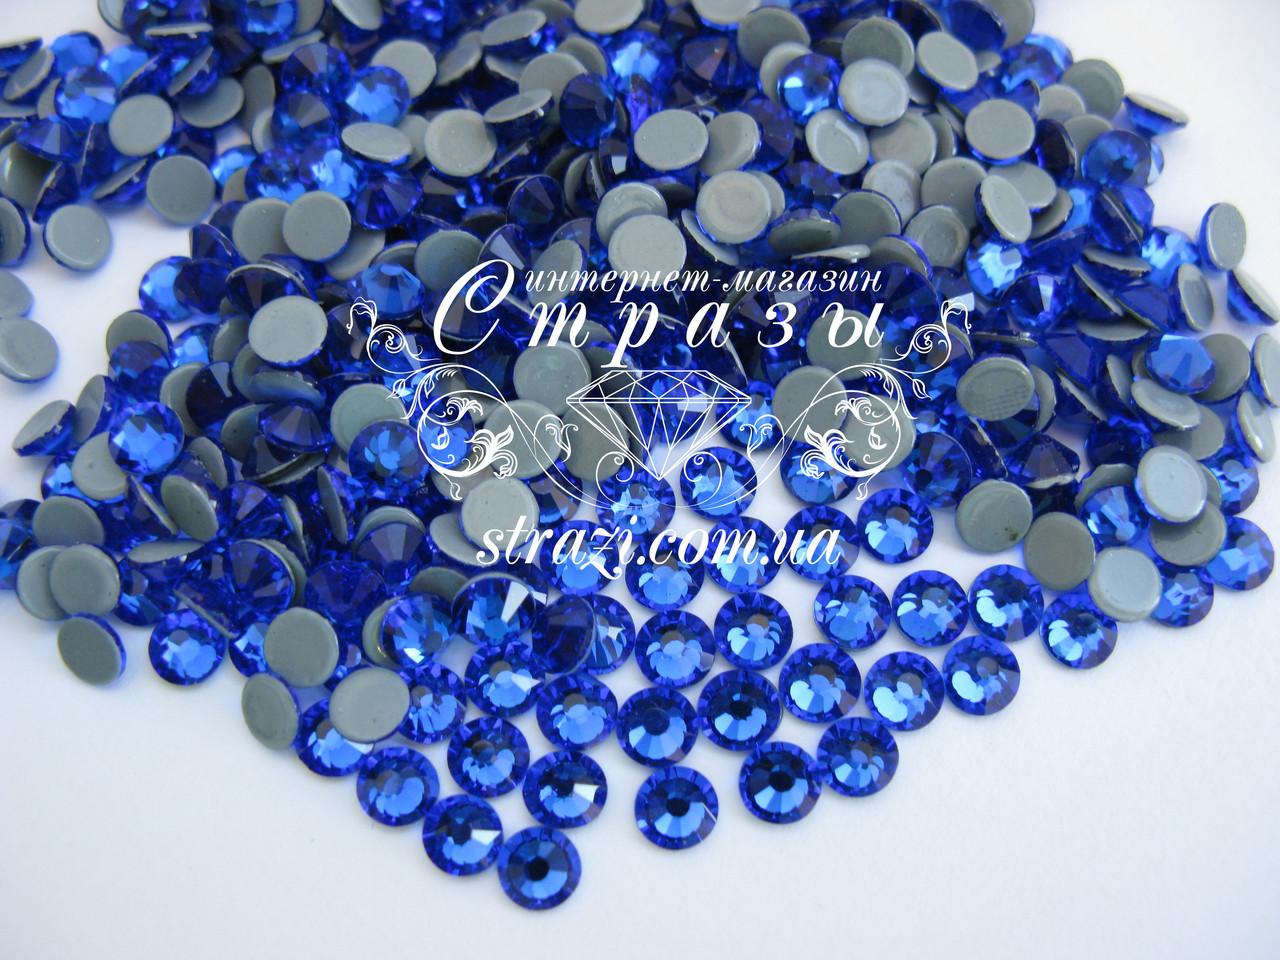 Термо стразы Lux ss20 Sapphire (5.0mm) 1440шт